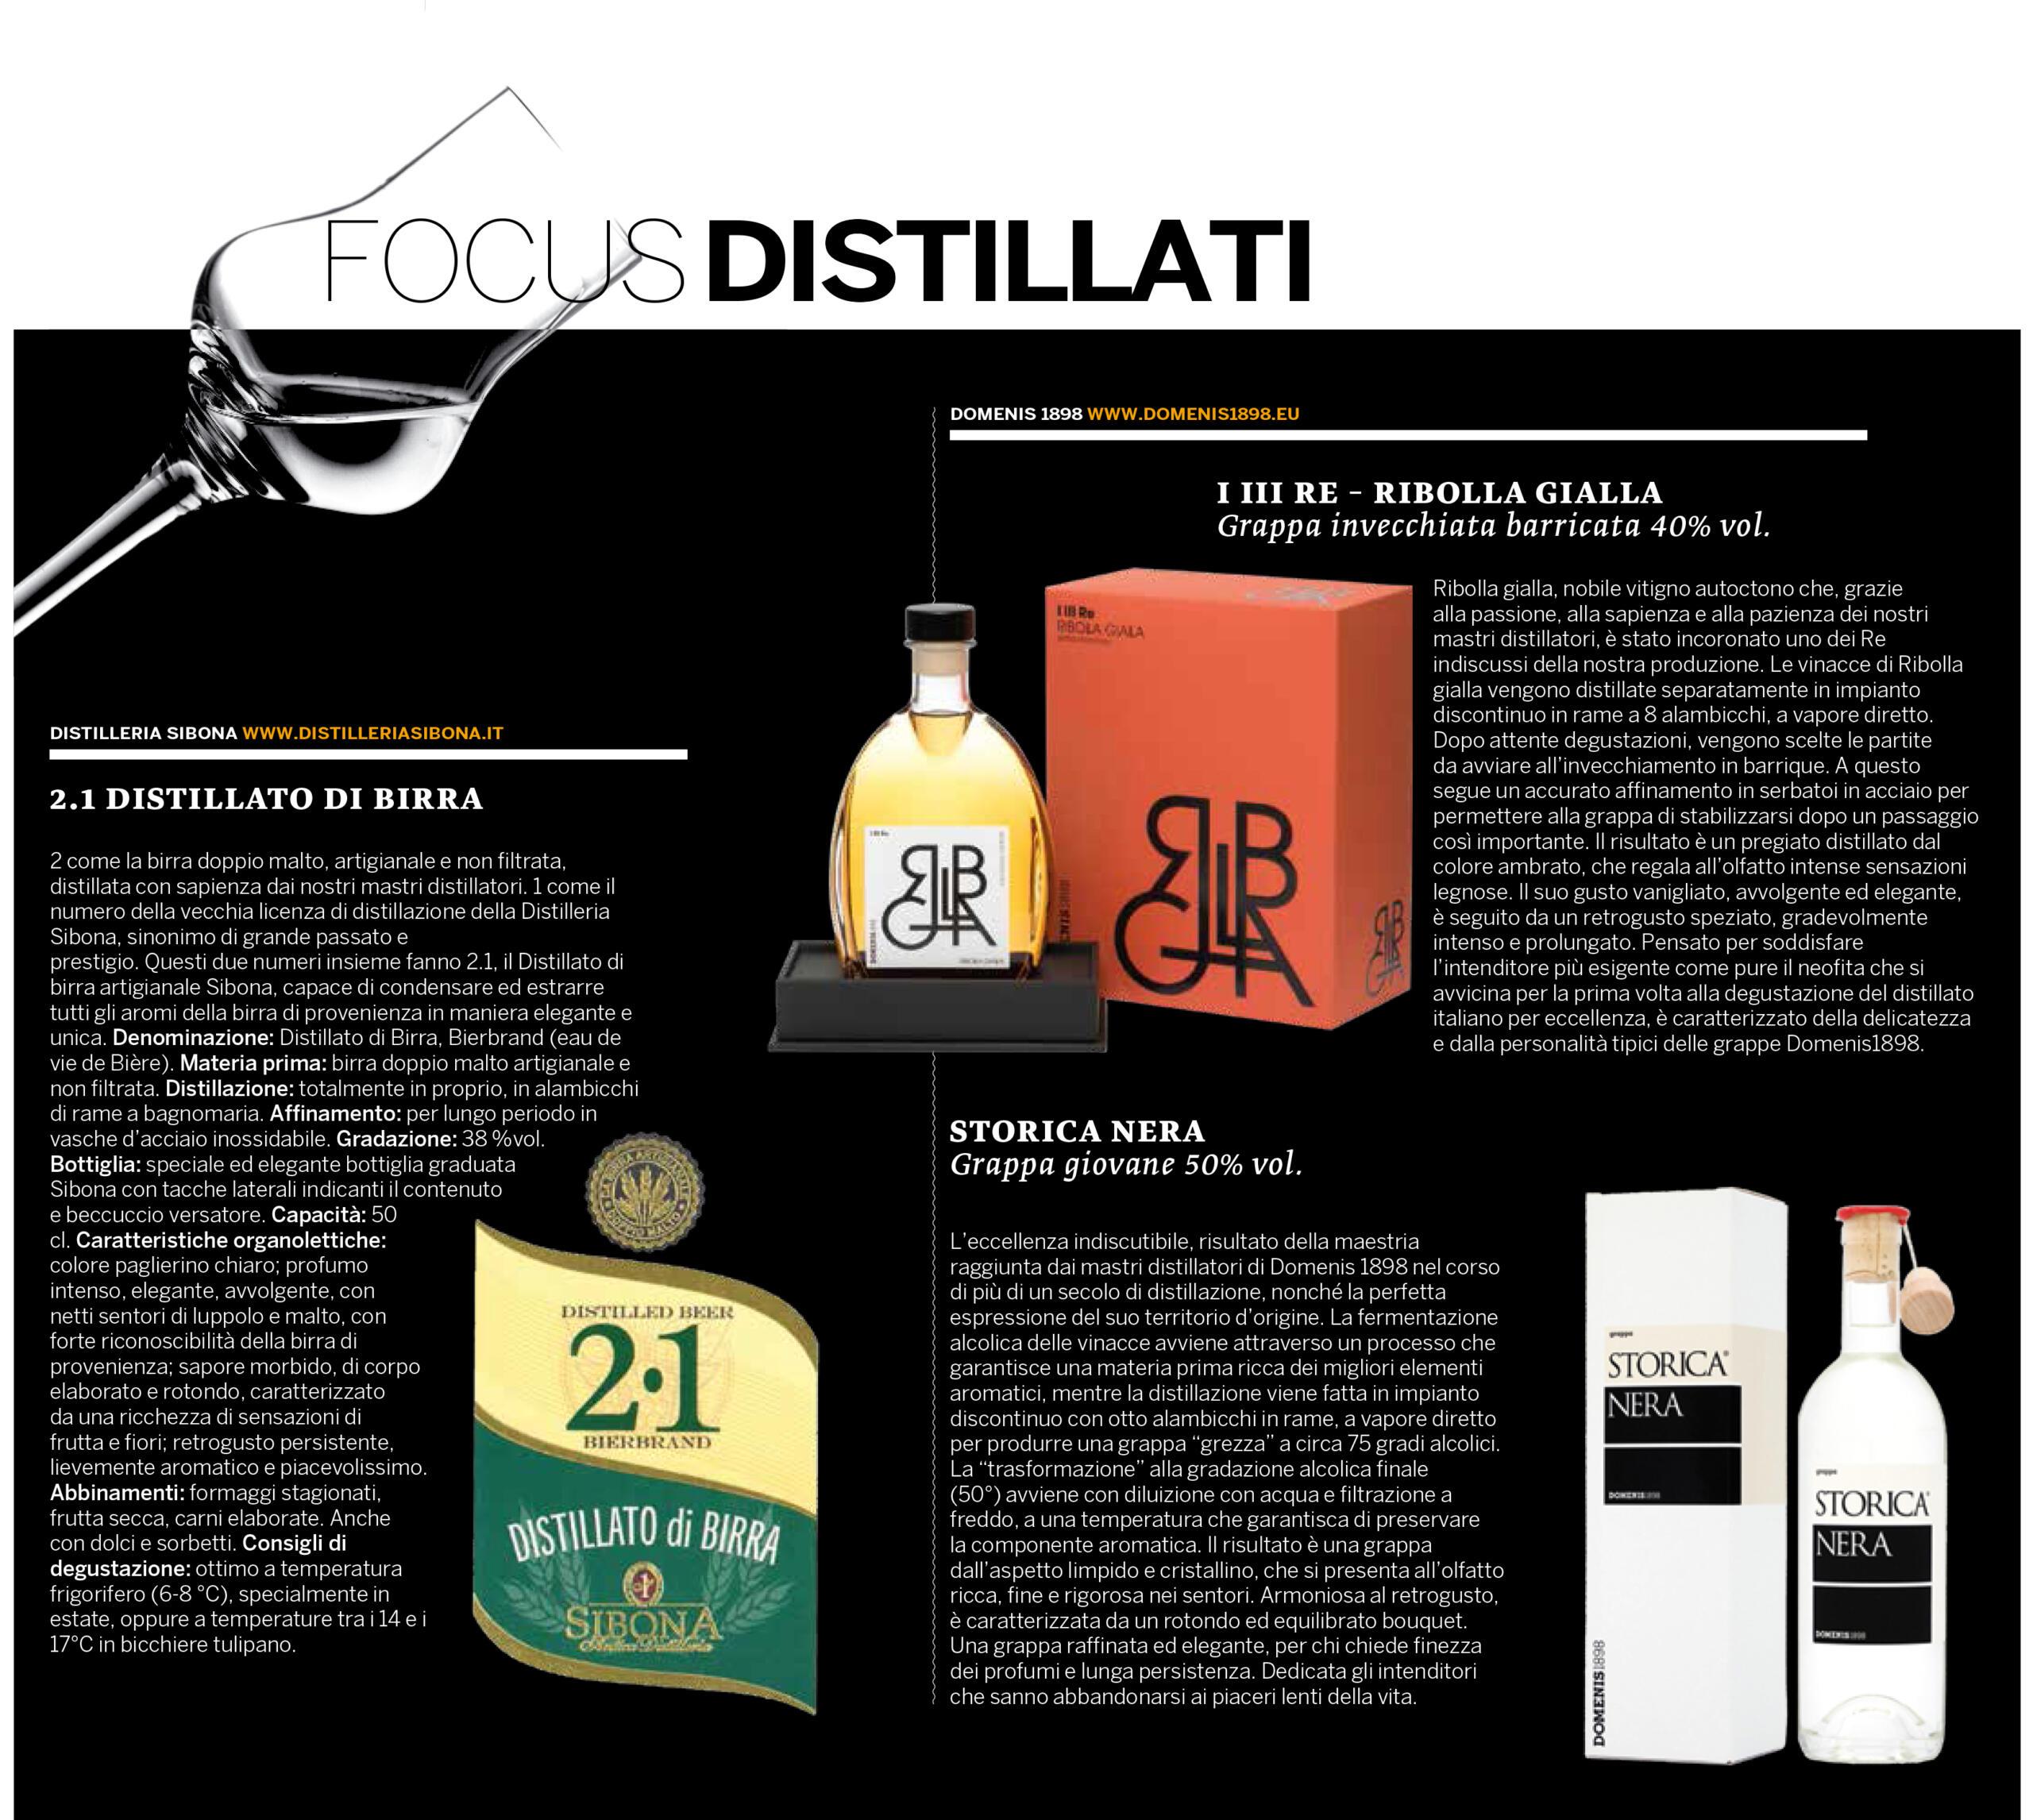 2021 gennaio 11: Il Corriere Vinicolo – Focus distillati